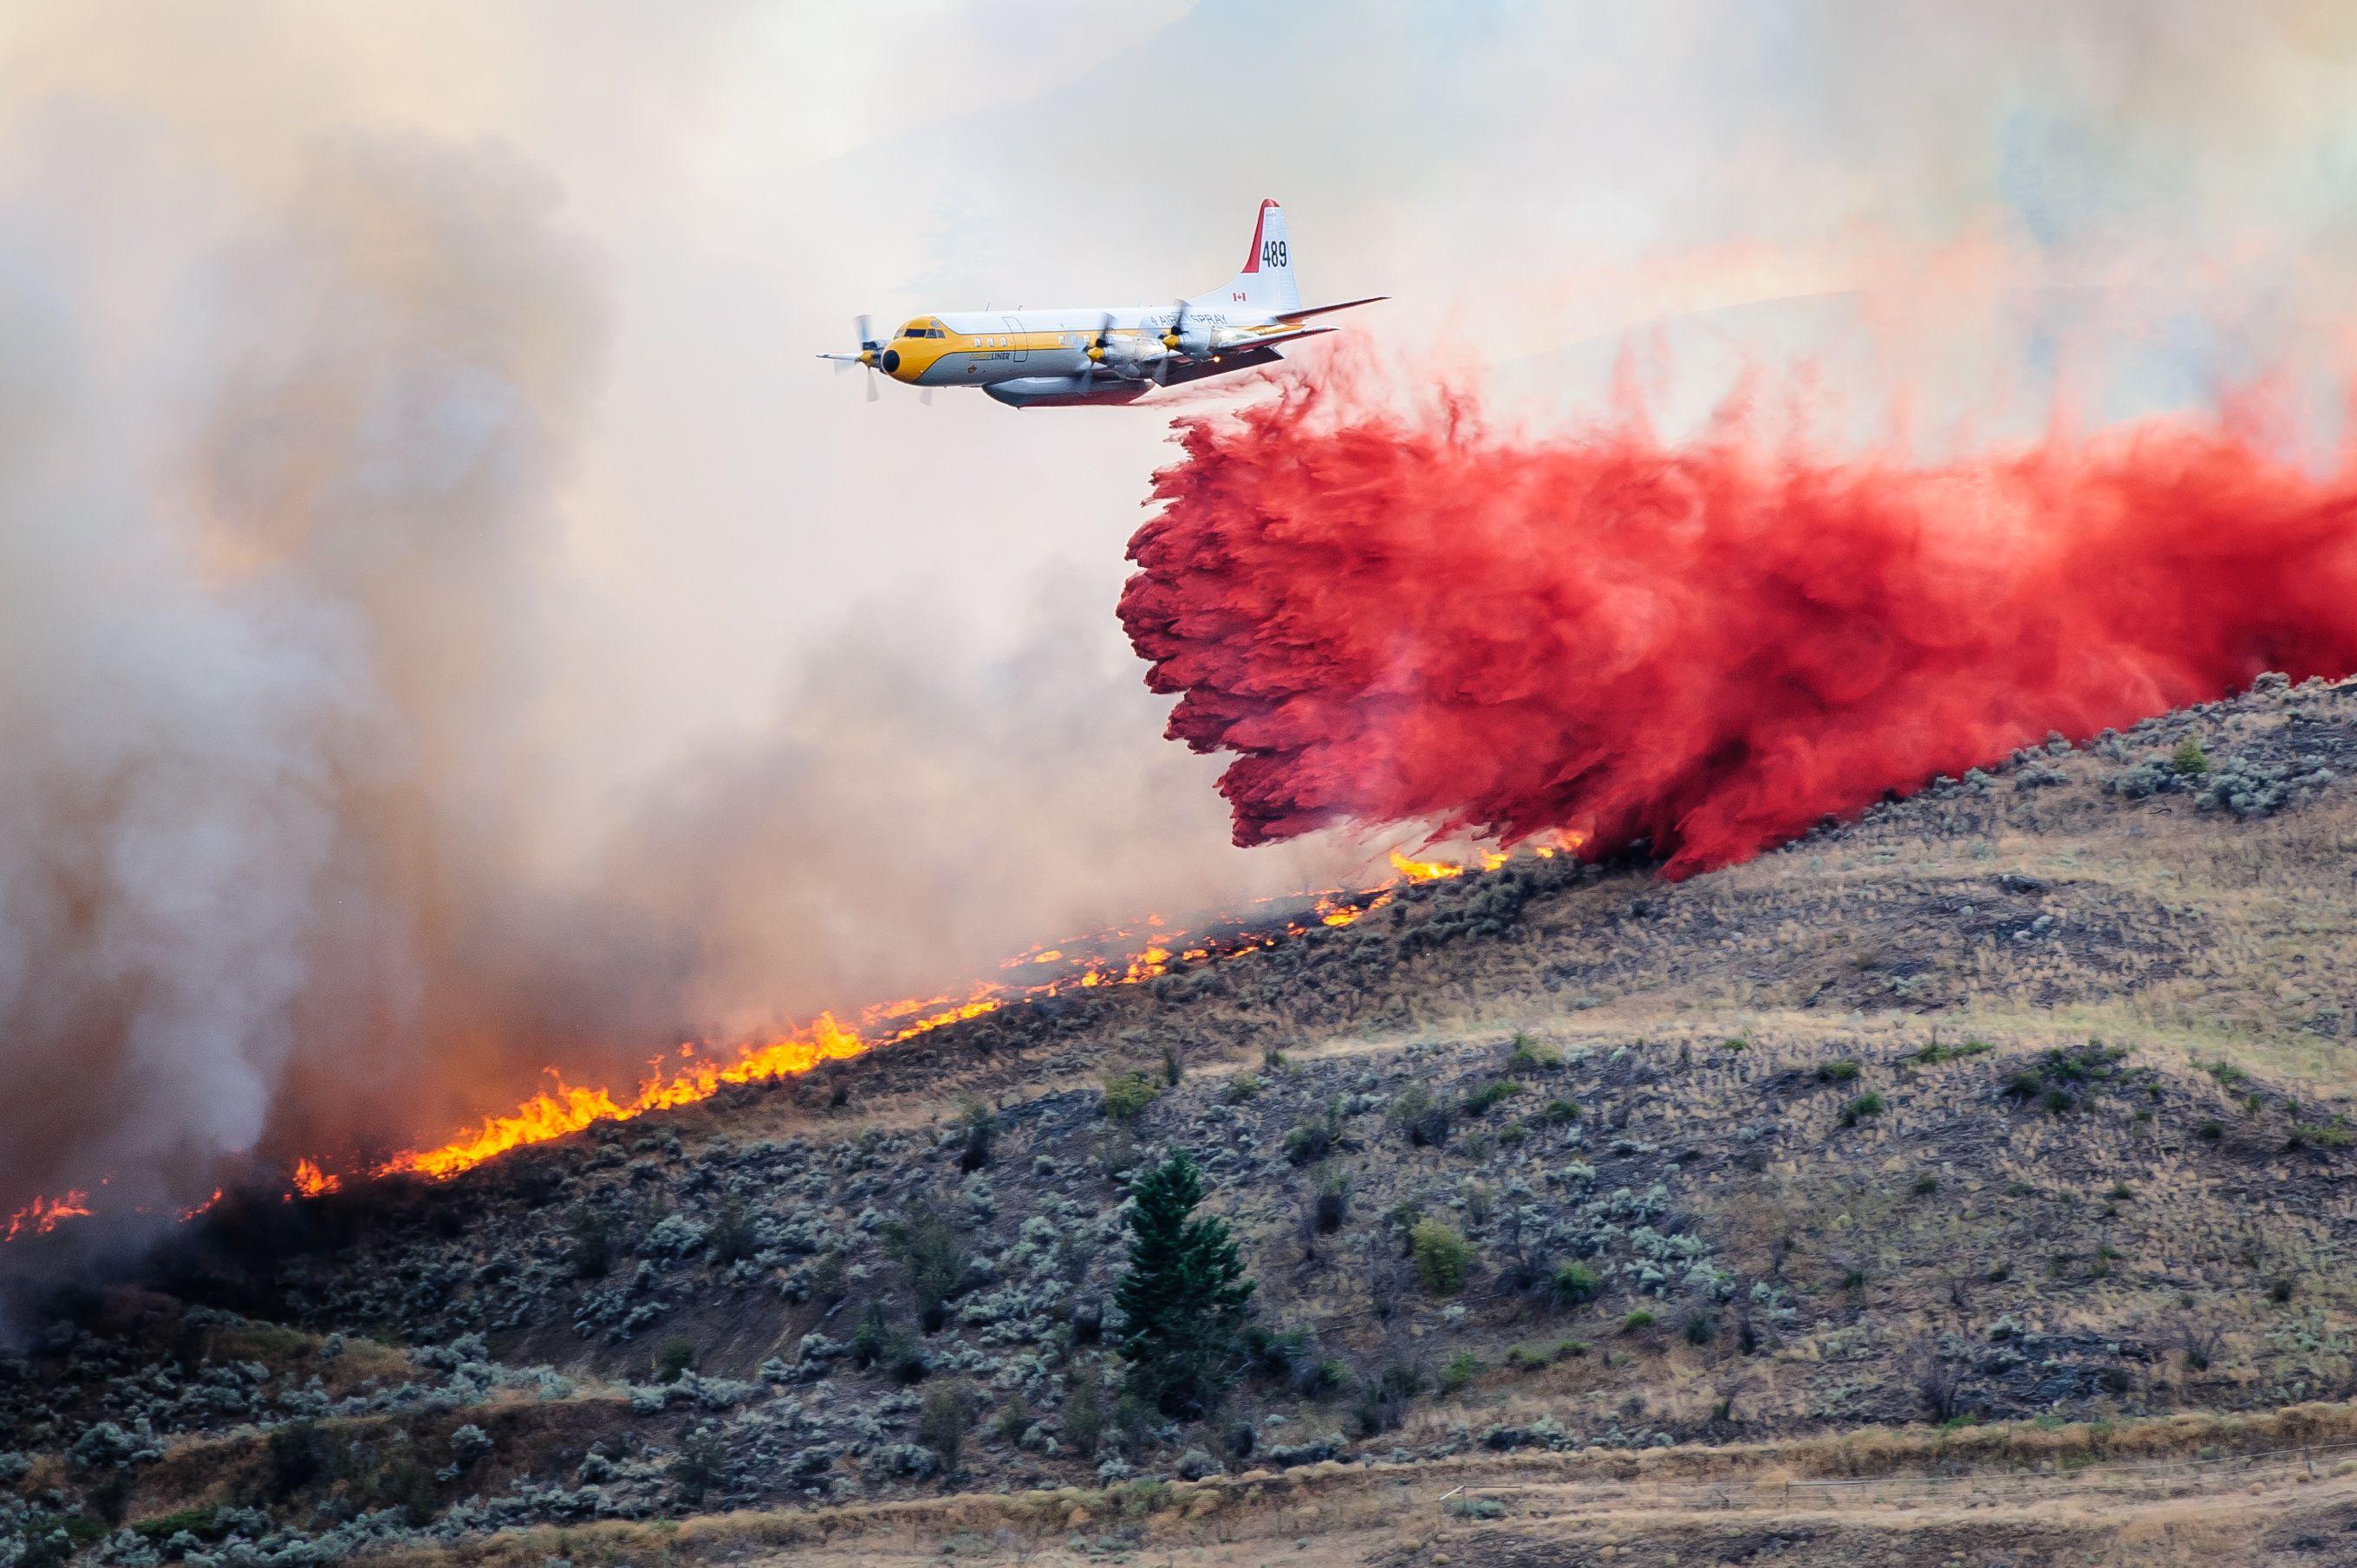 DSC2115.jpg (2719×1809) Wildland fire, Fire, Air fire